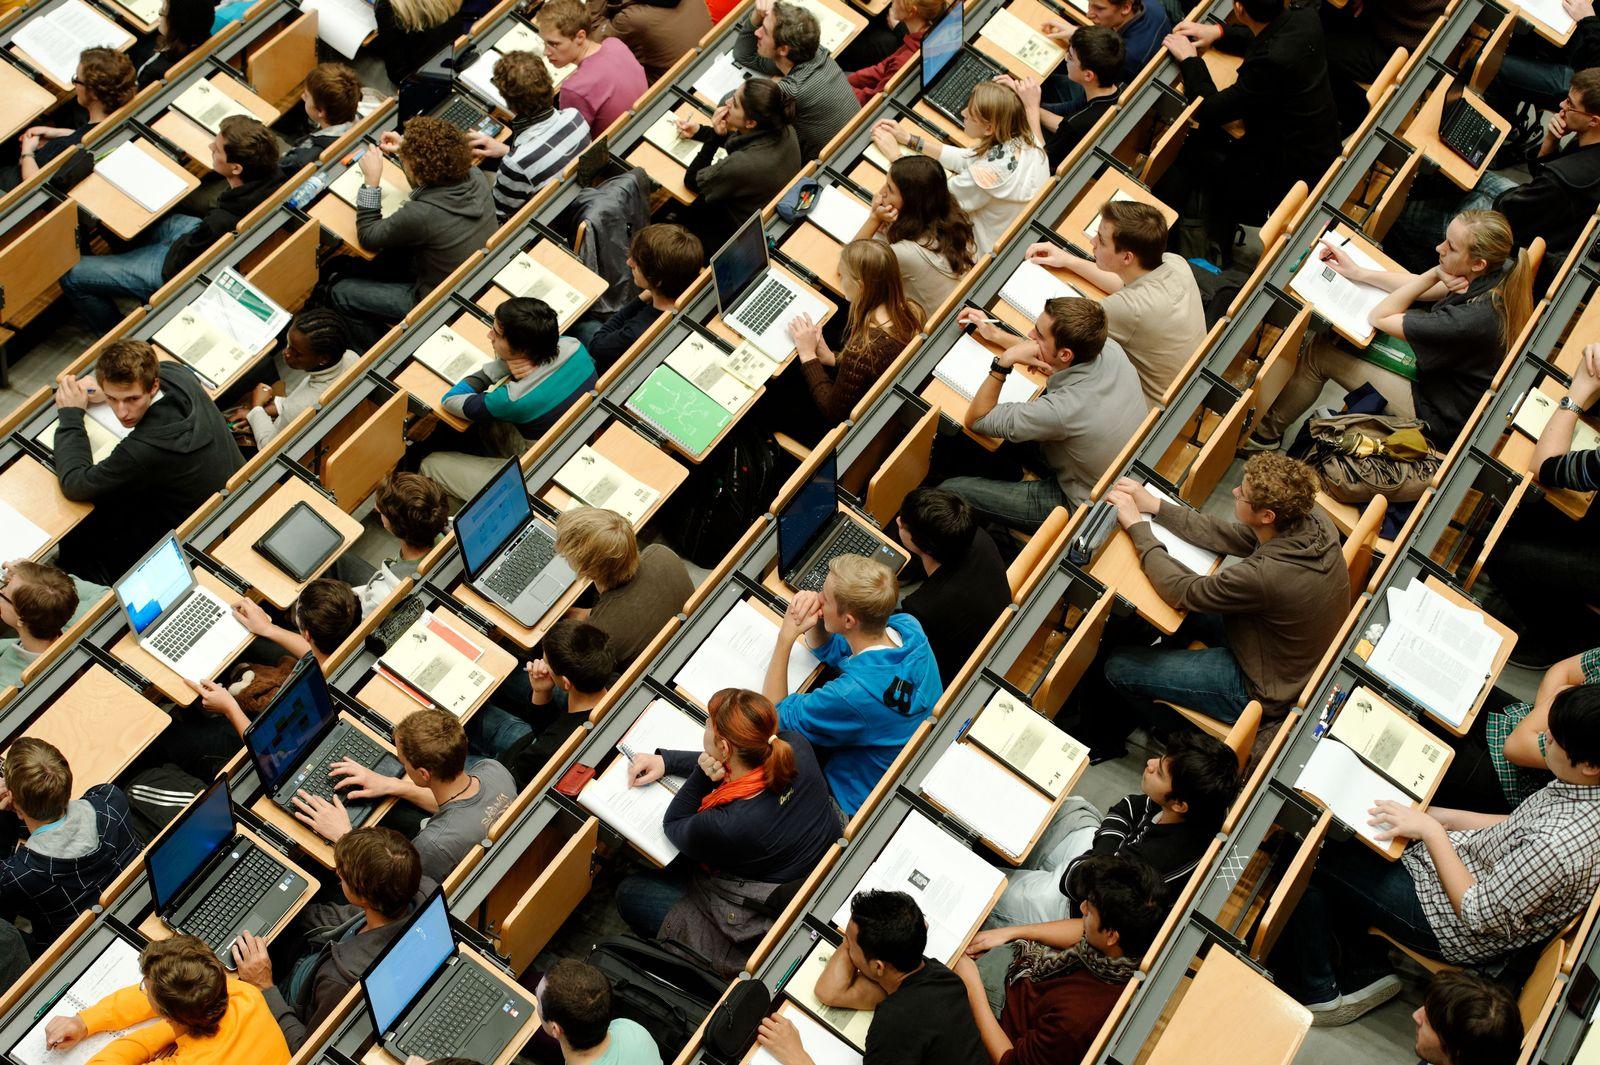 Studenten im Hörsaal / Laptops